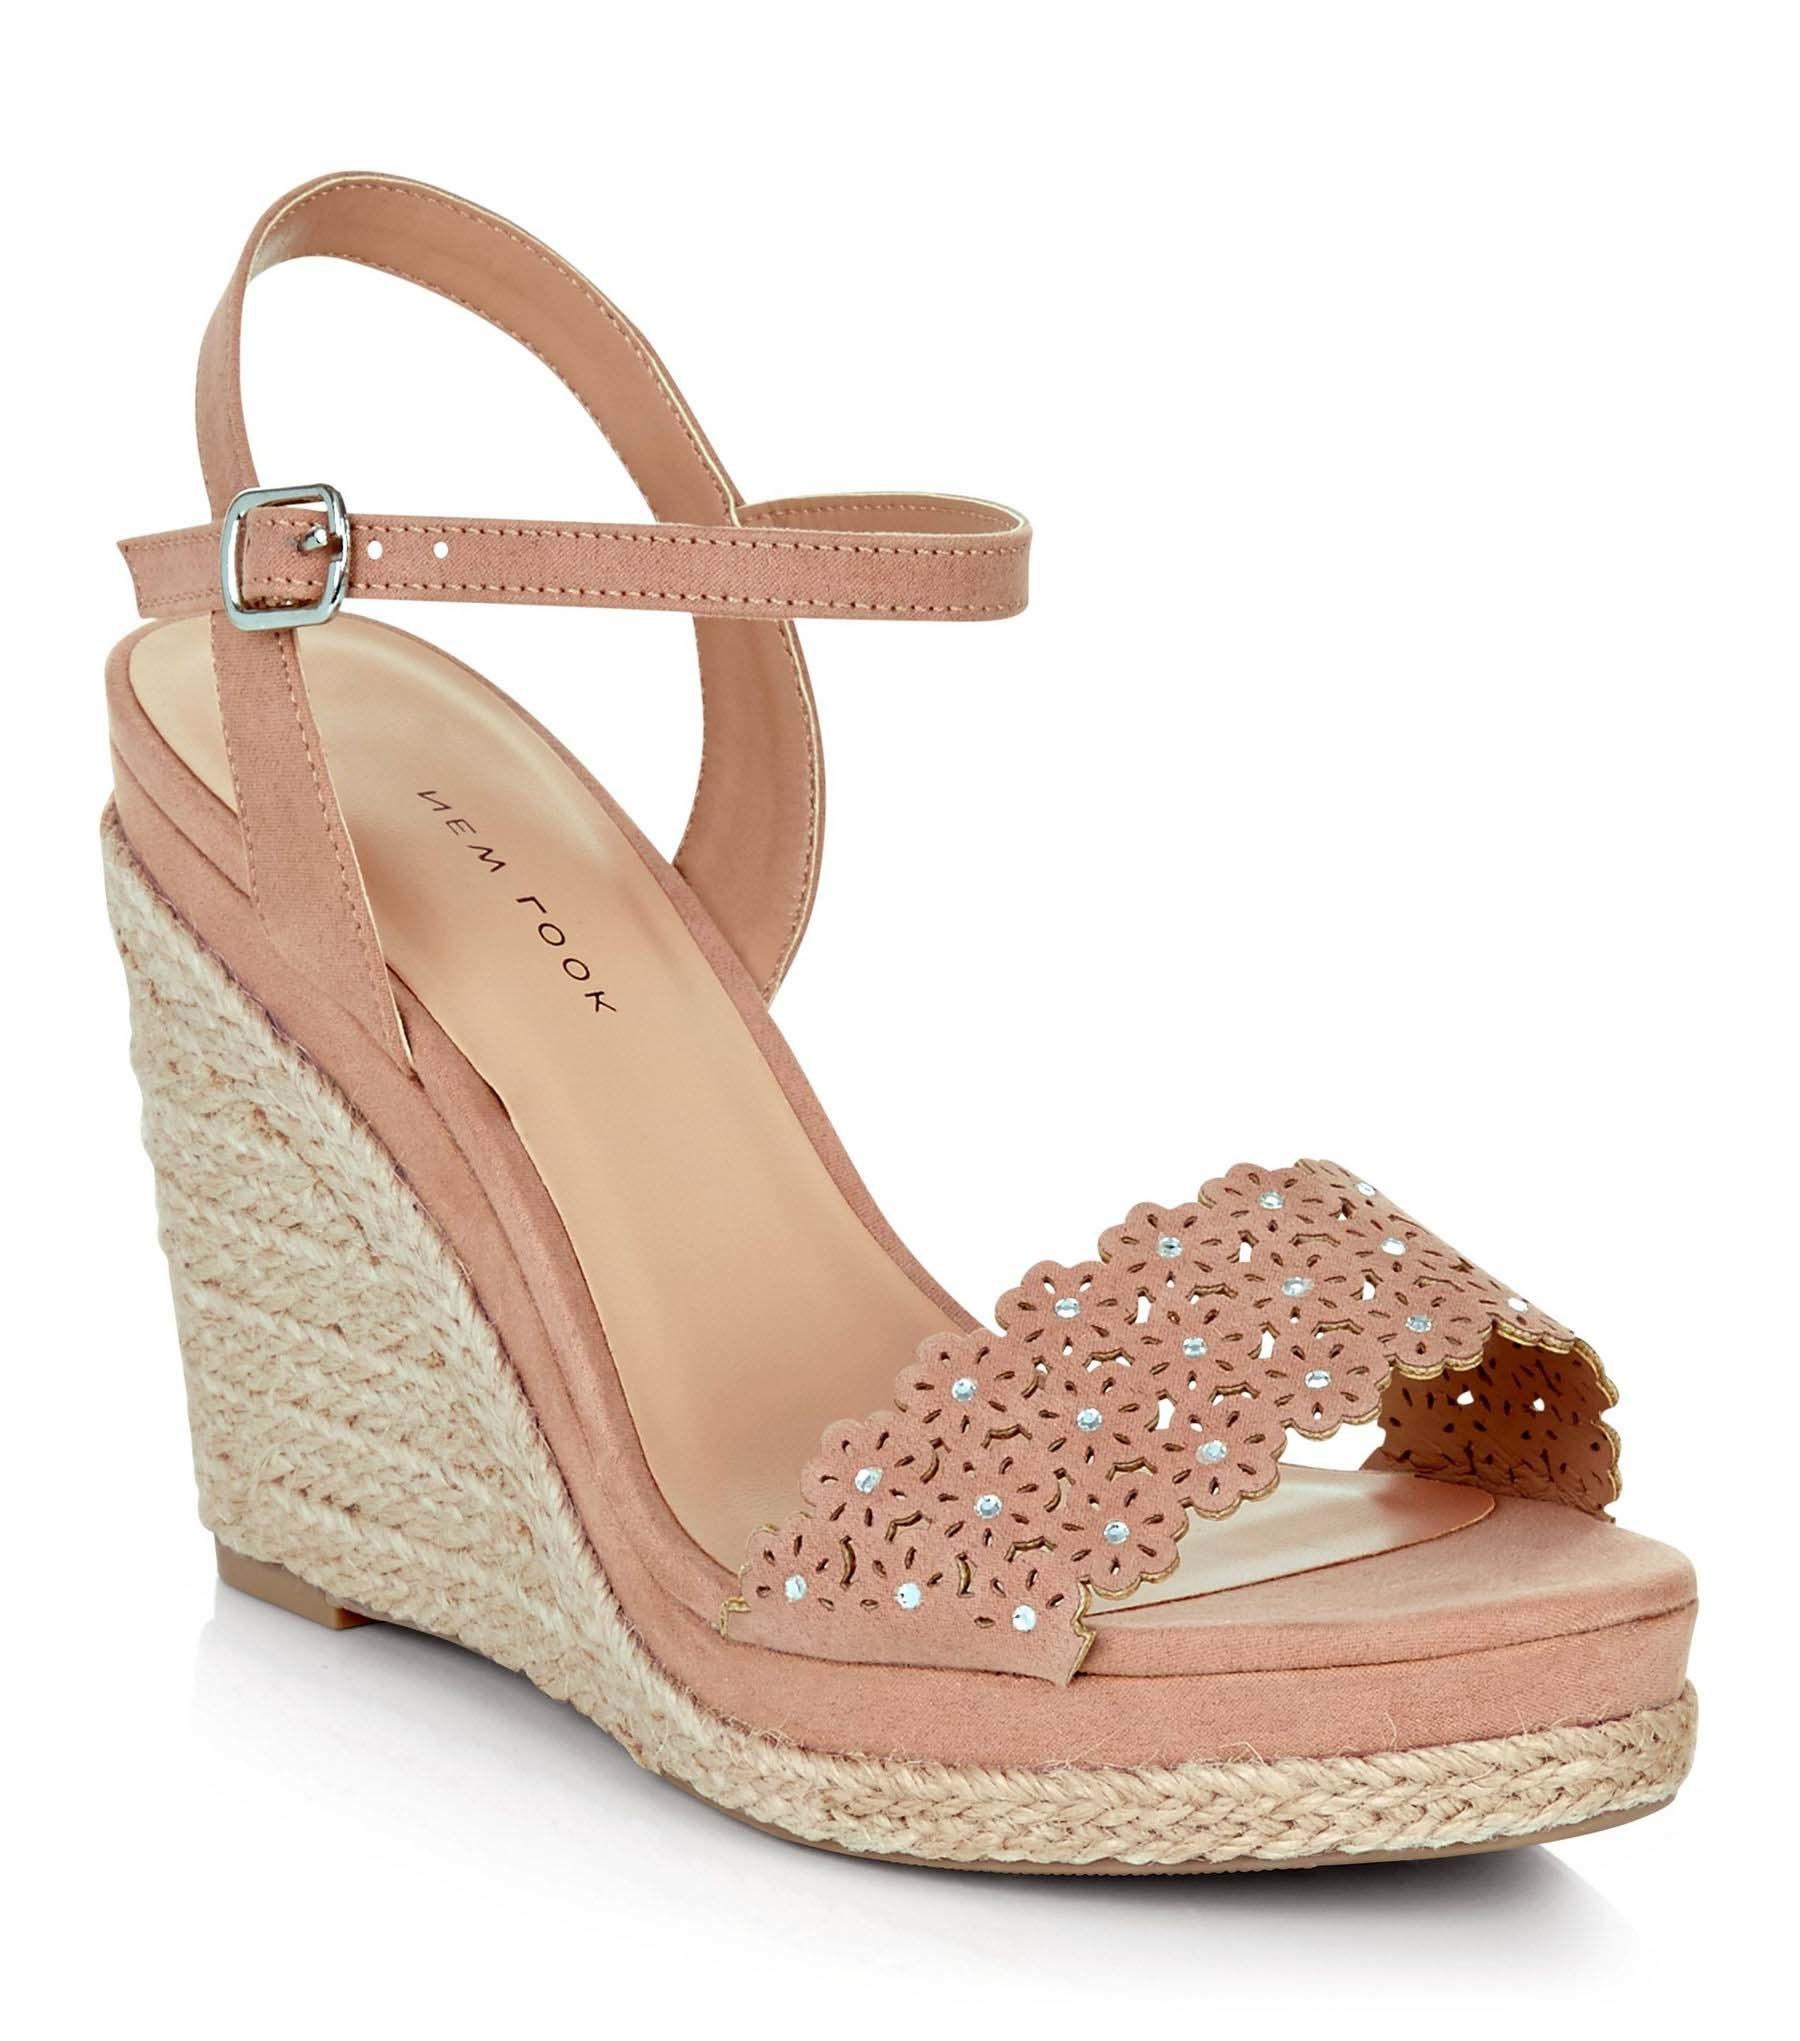 Design Sandals with Wedge Heel